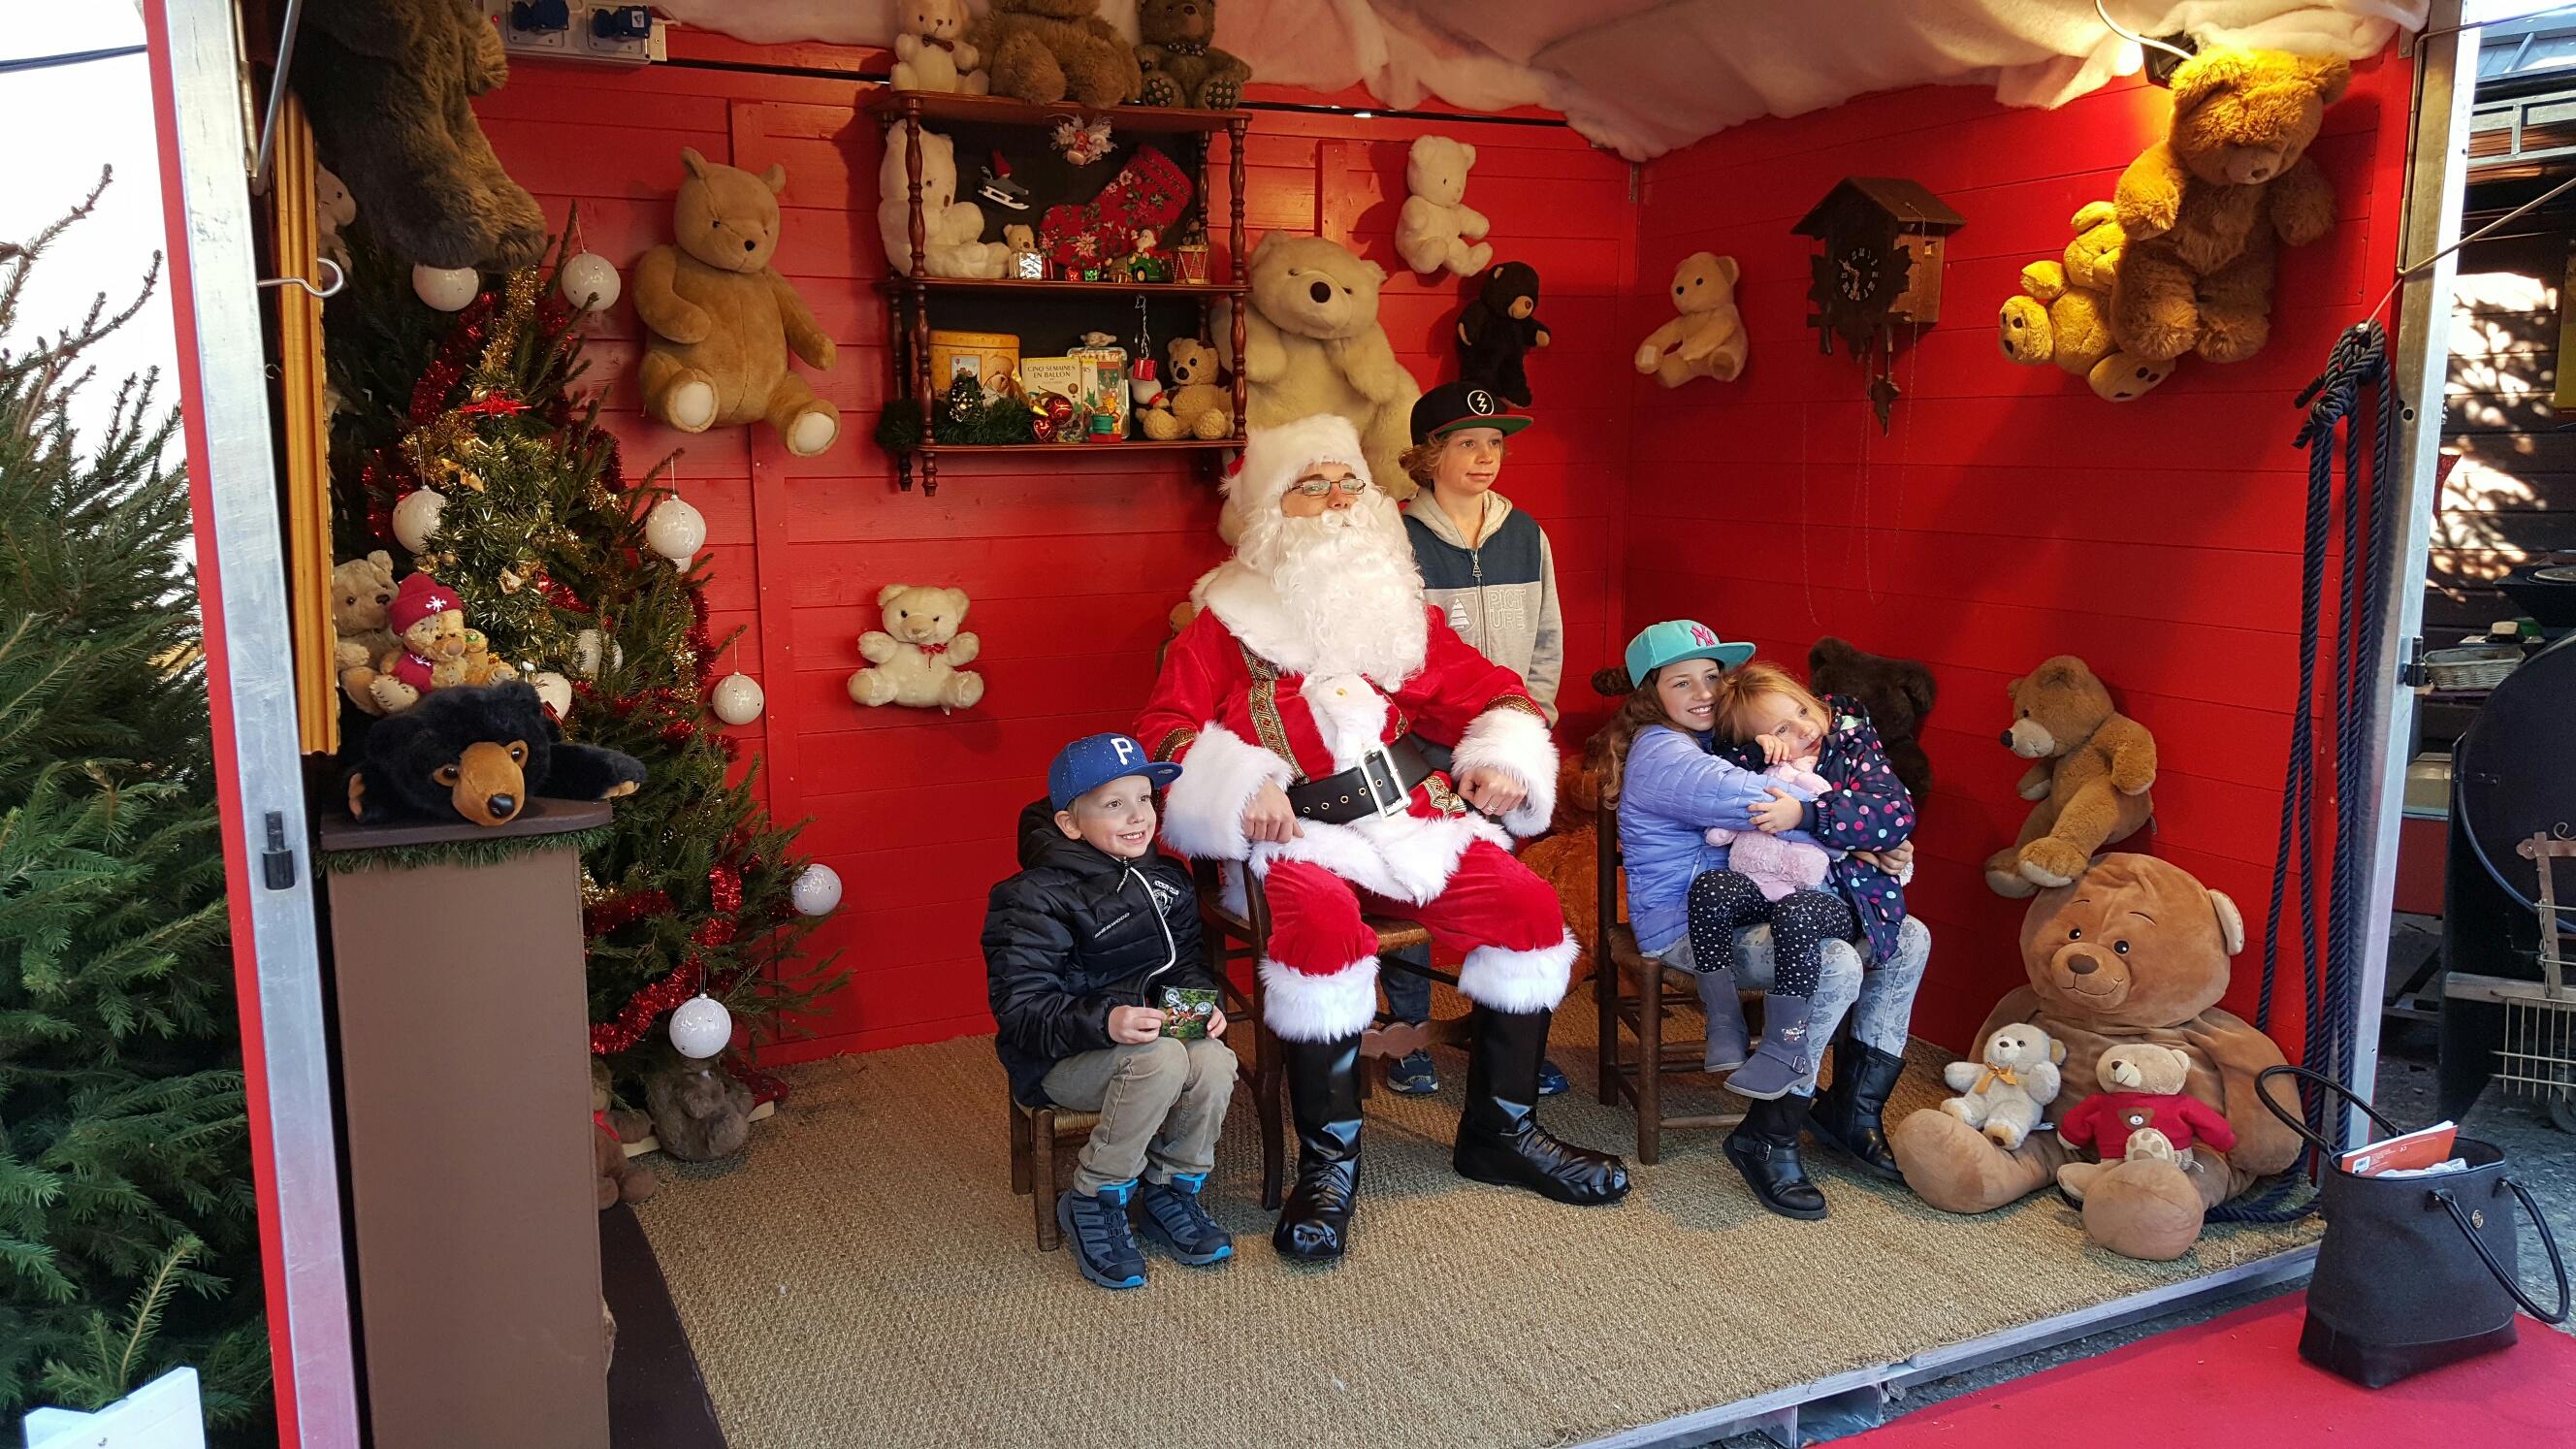 pere noel annecy 2018 Mercredi 9 Décembre : Venez rencontrer le Père Noël ! – Marché de  pere noel annecy 2018